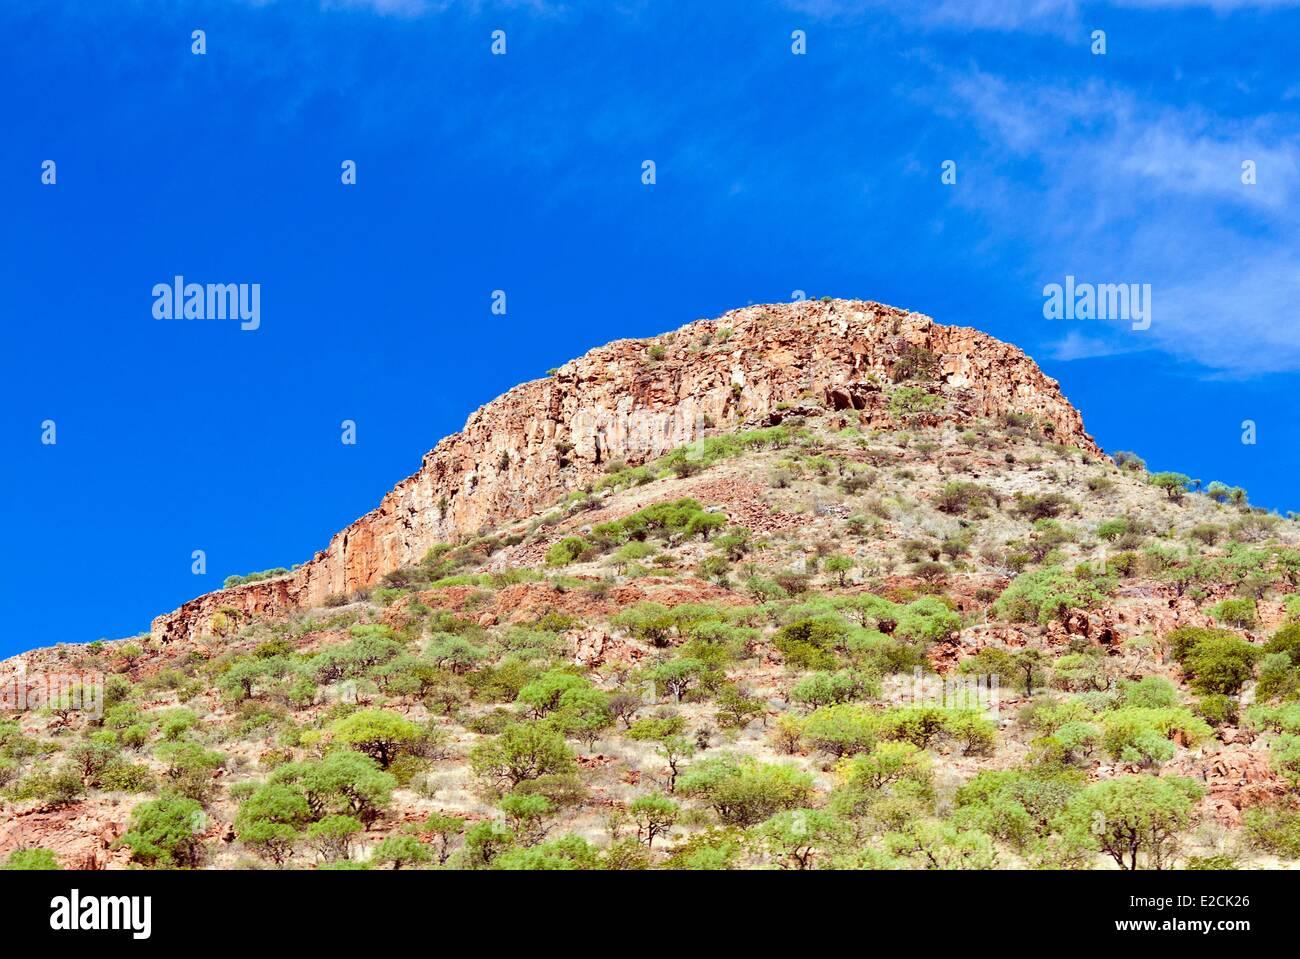 La Namibie, région de Kunene, Damaraland Banque D'Images